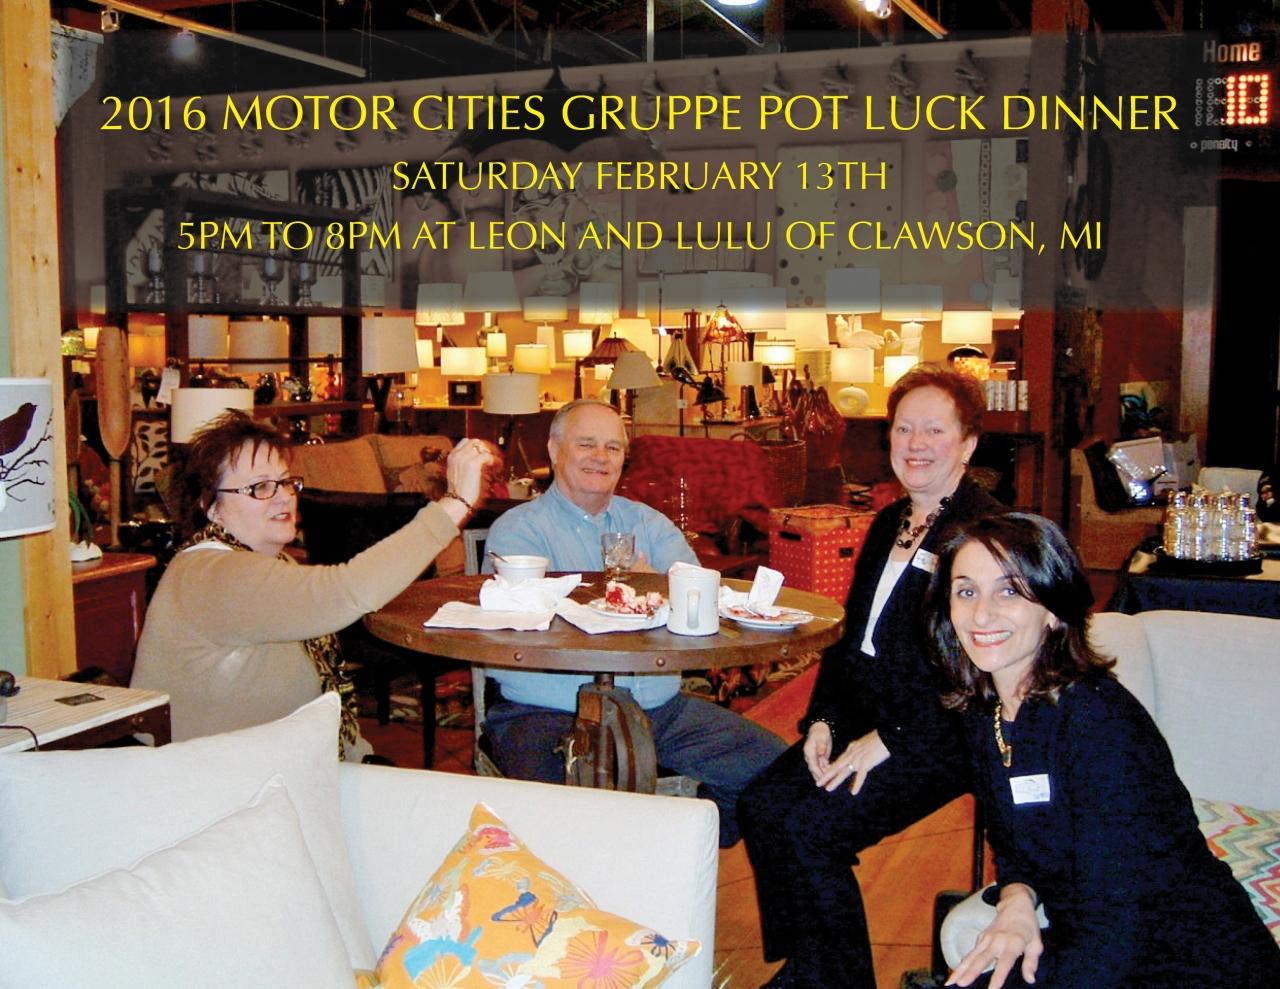 2016 MOTOR CITIES GRUPPE POT LUCK DINNER.jpg